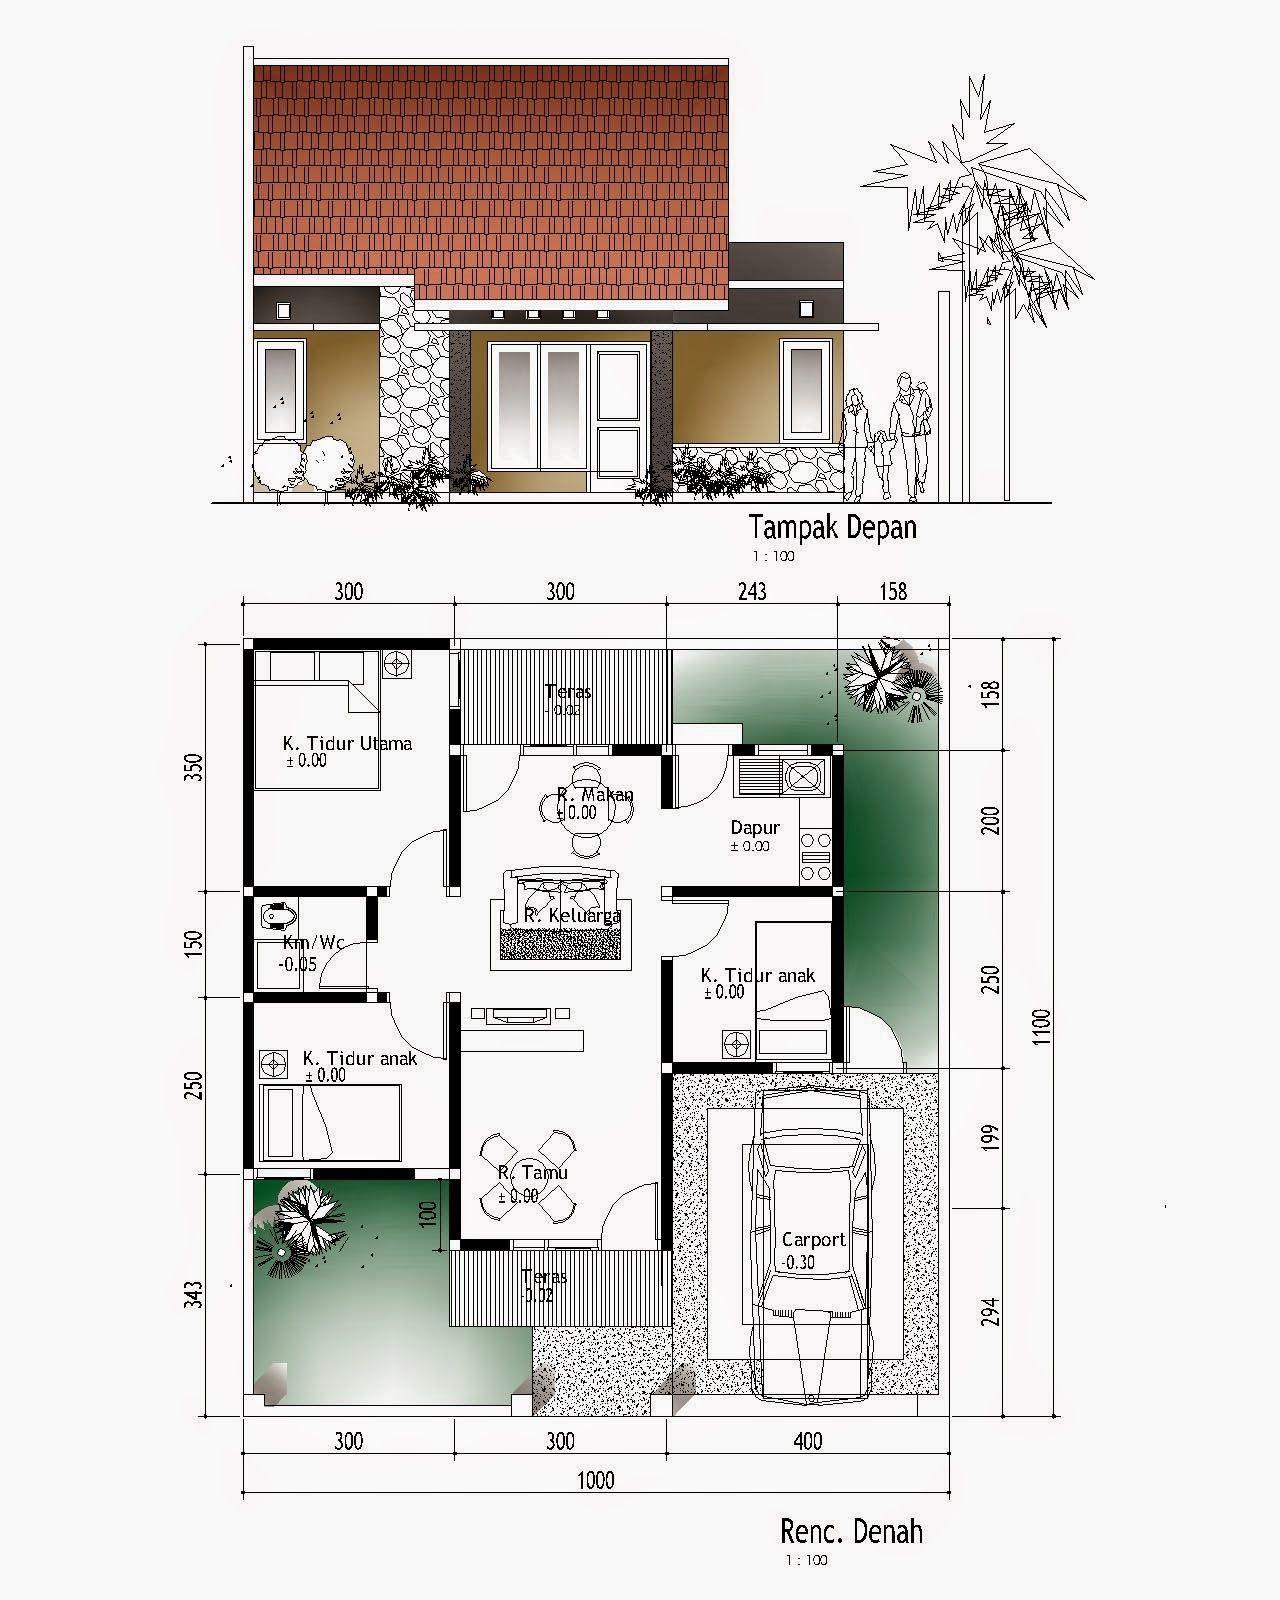 Denah Rumah Minimalis 3 Kamar Tidur Property 45m2 Type Denah